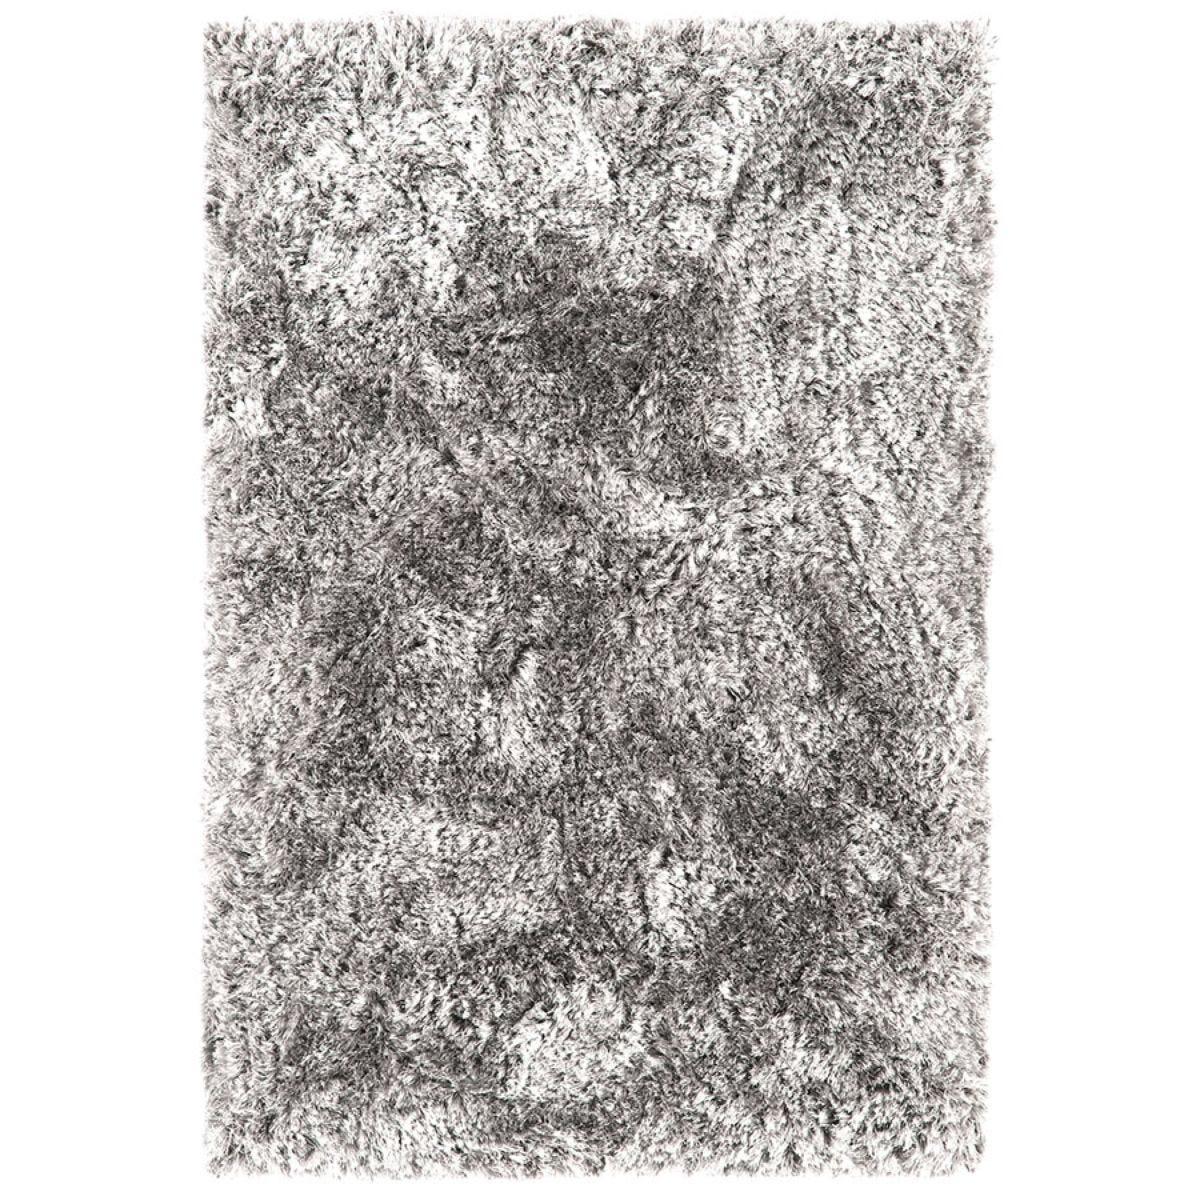 Asiatic Plush Shaggy Rug, 50 x 150cm - Silver